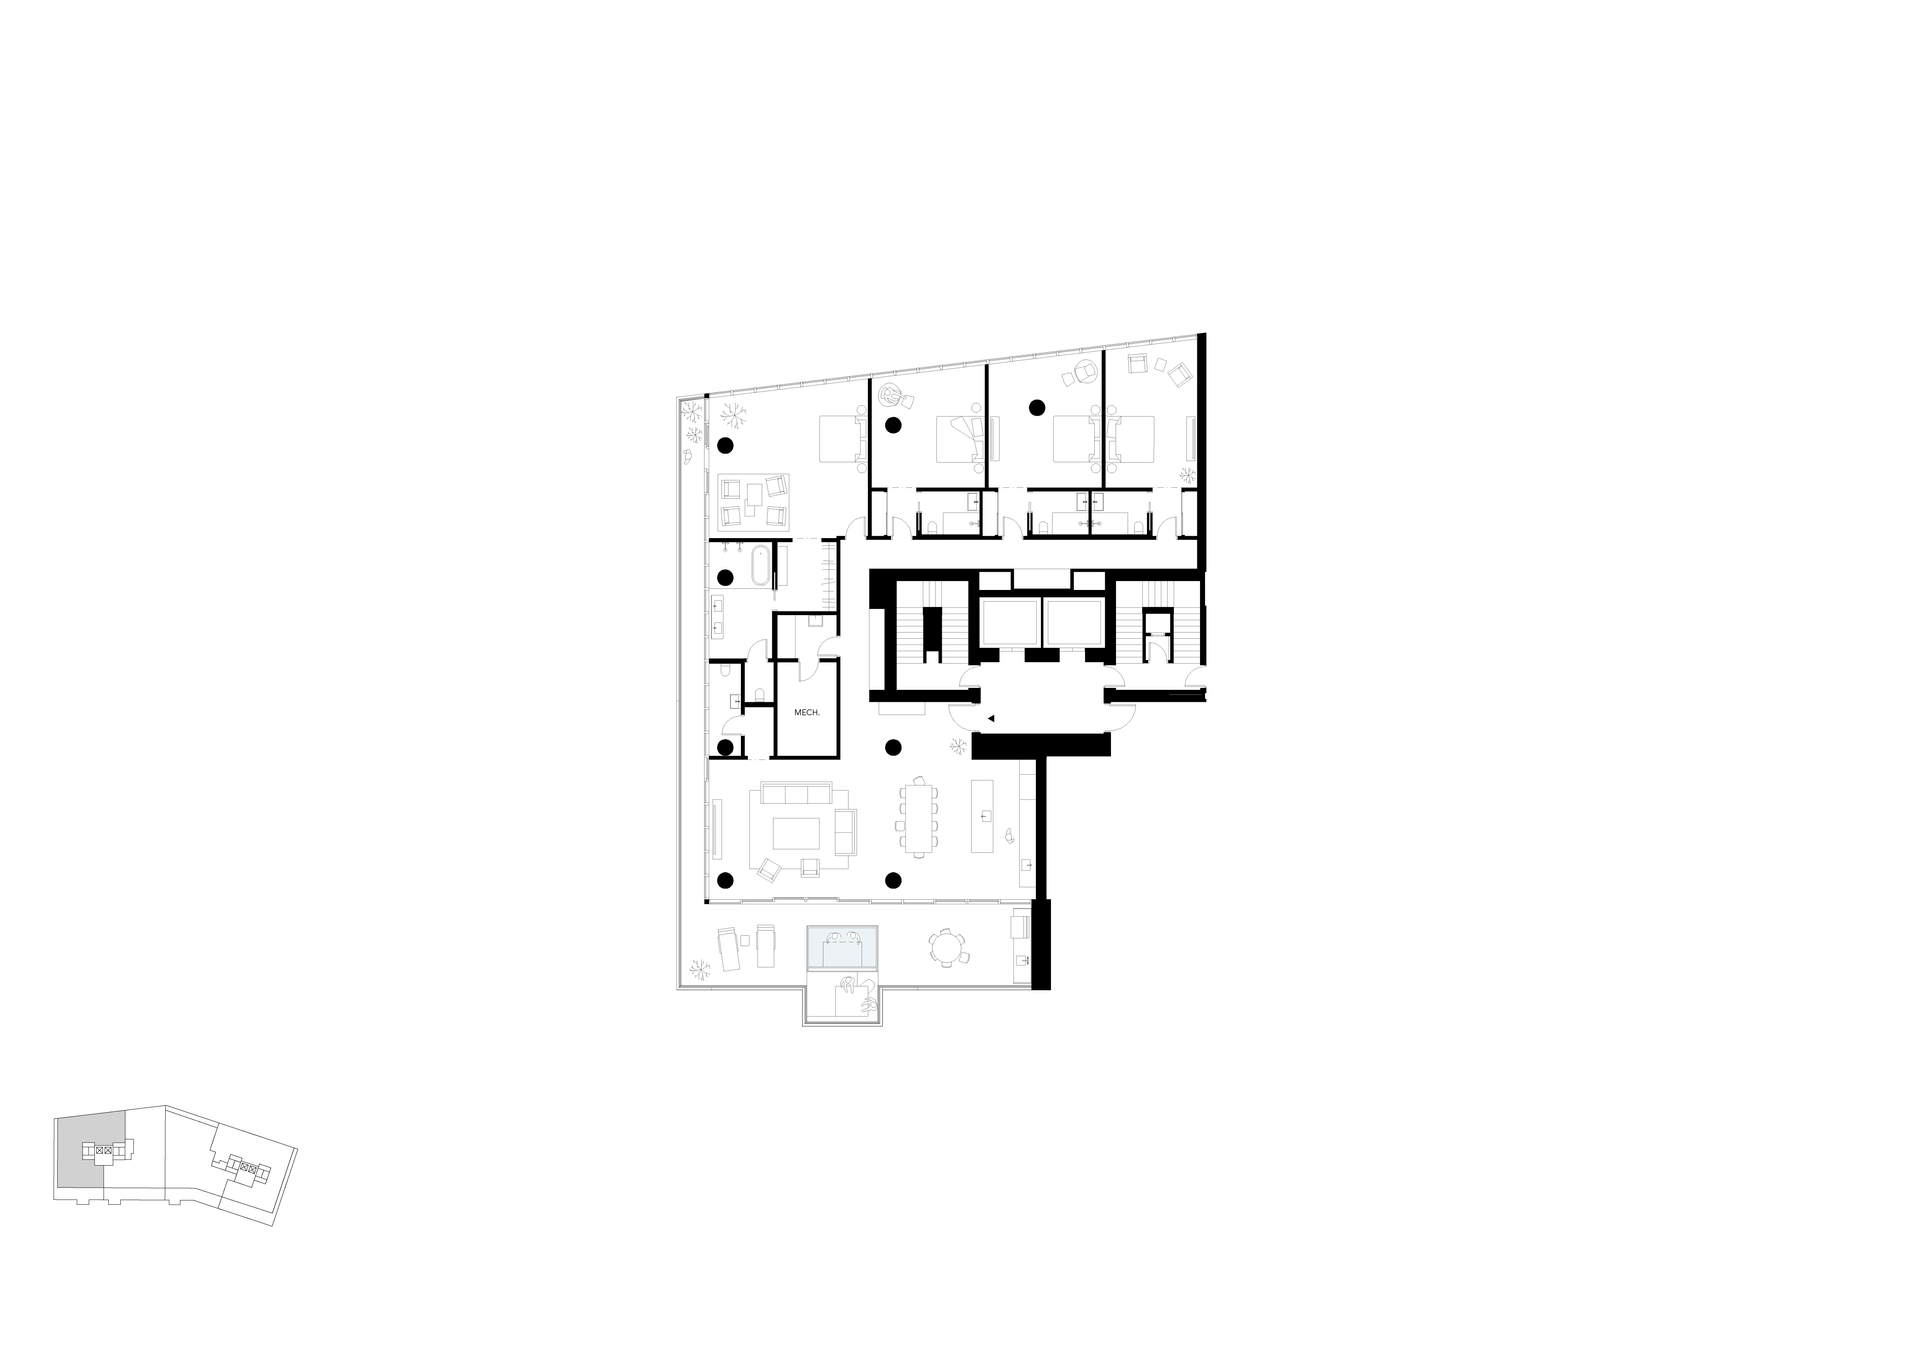 tetris_16.png